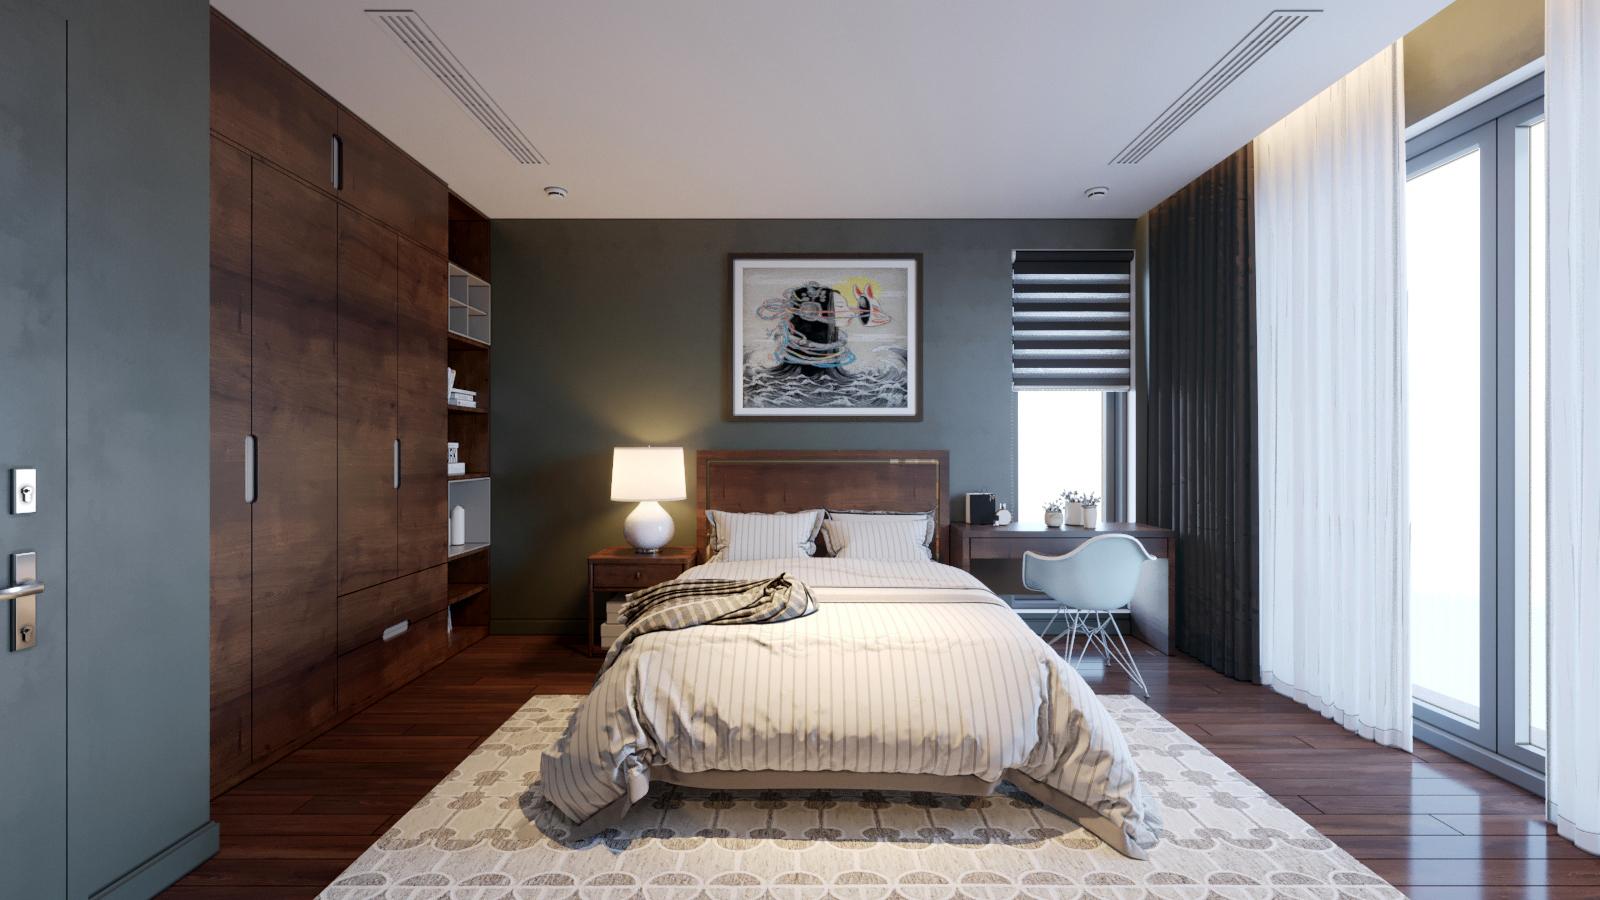 thiết kế Nội thất Biệt Thự 3 tầng biệt thự bt25 splendora mới (lakeside splendora)250